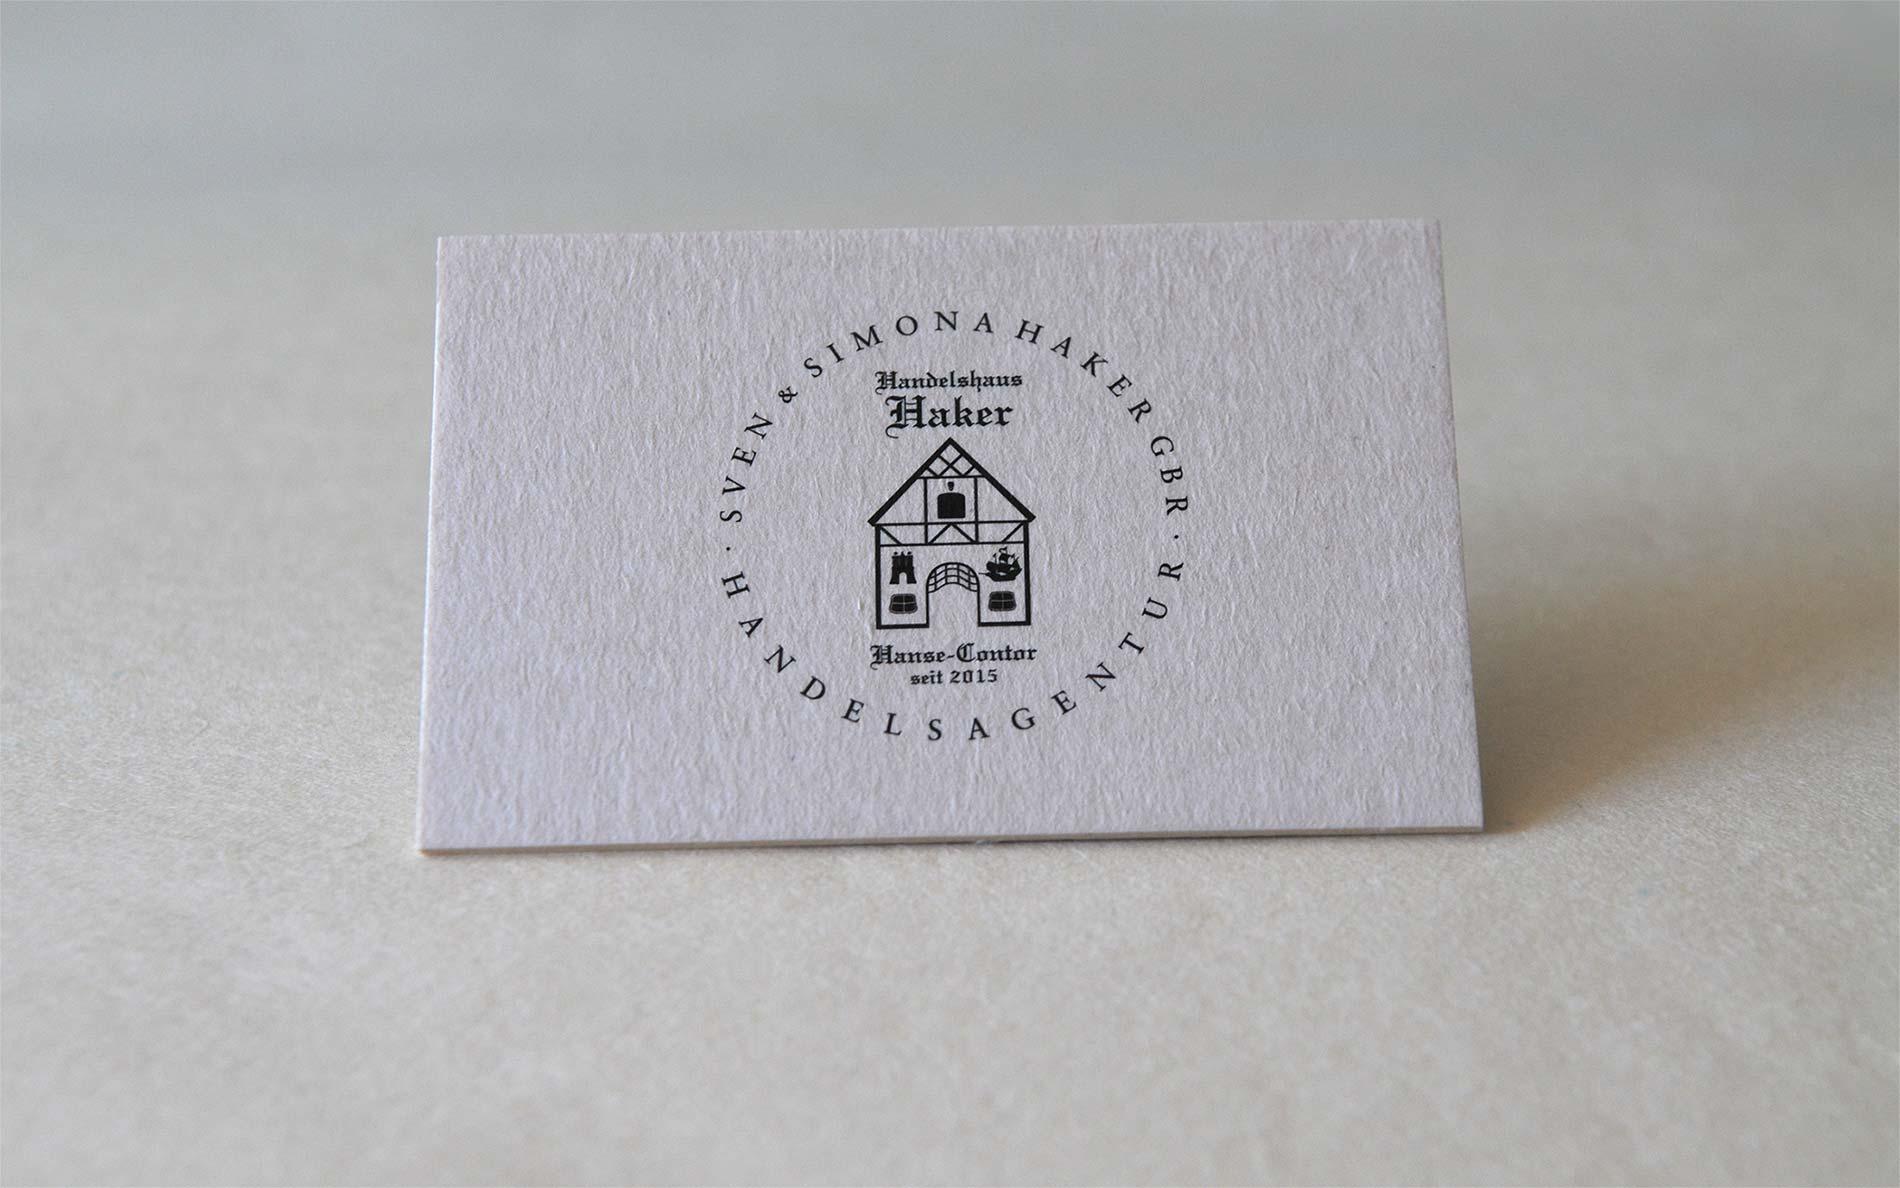 Logodesign-Handel – für das Handeshaus Sven & Simona Haker GBR. Sie sehen ein Logo für ein Handelshaus, das in der Ästhetik die Wertigkeit eines gewachsenen Unternehmens vermitteln möchte.